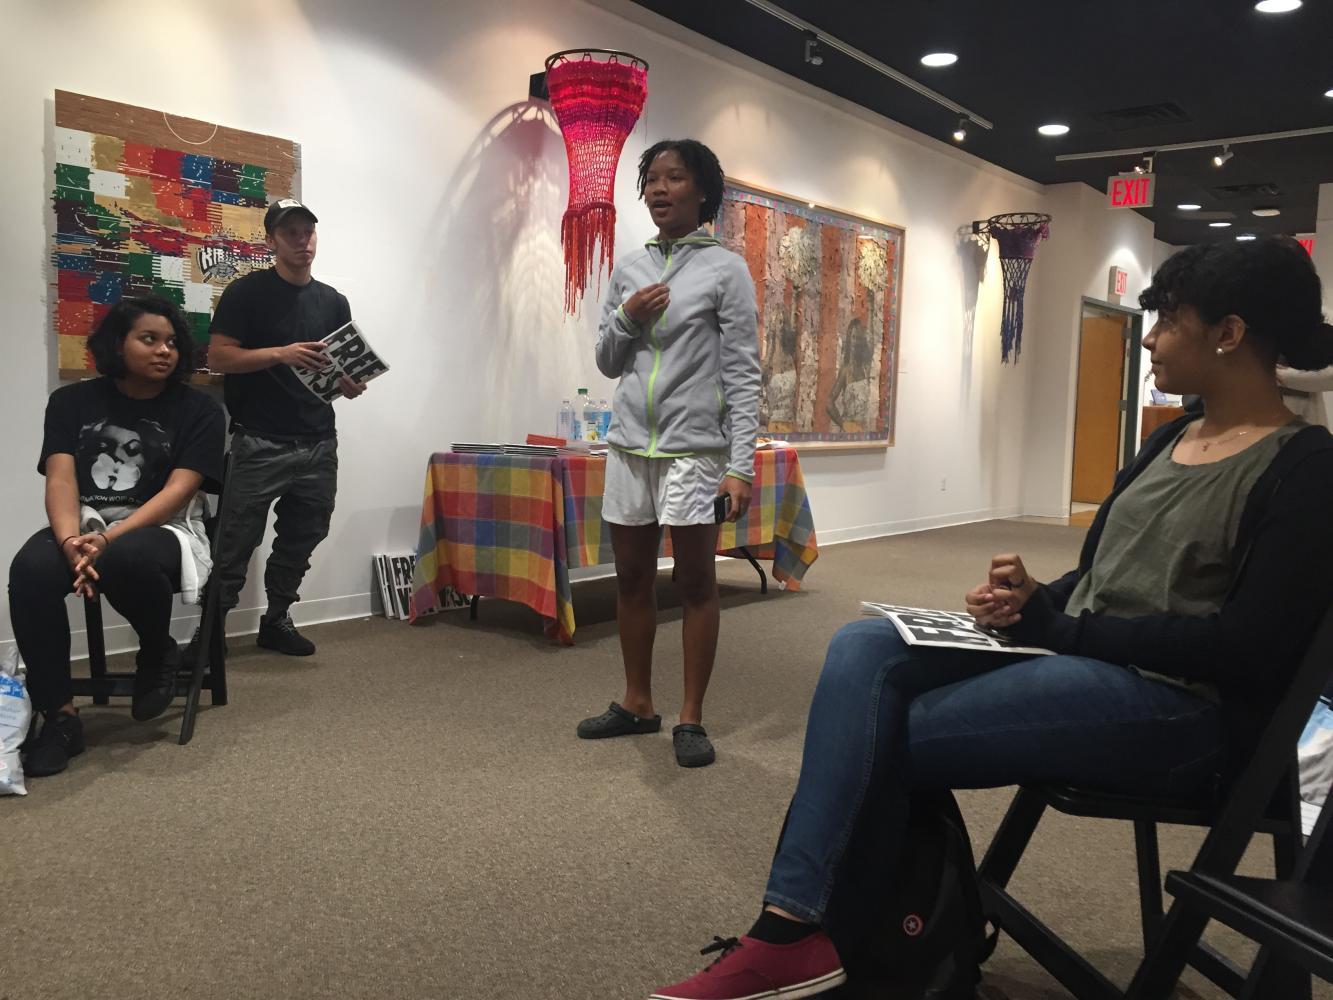 Niemah Brown recites her poetry.